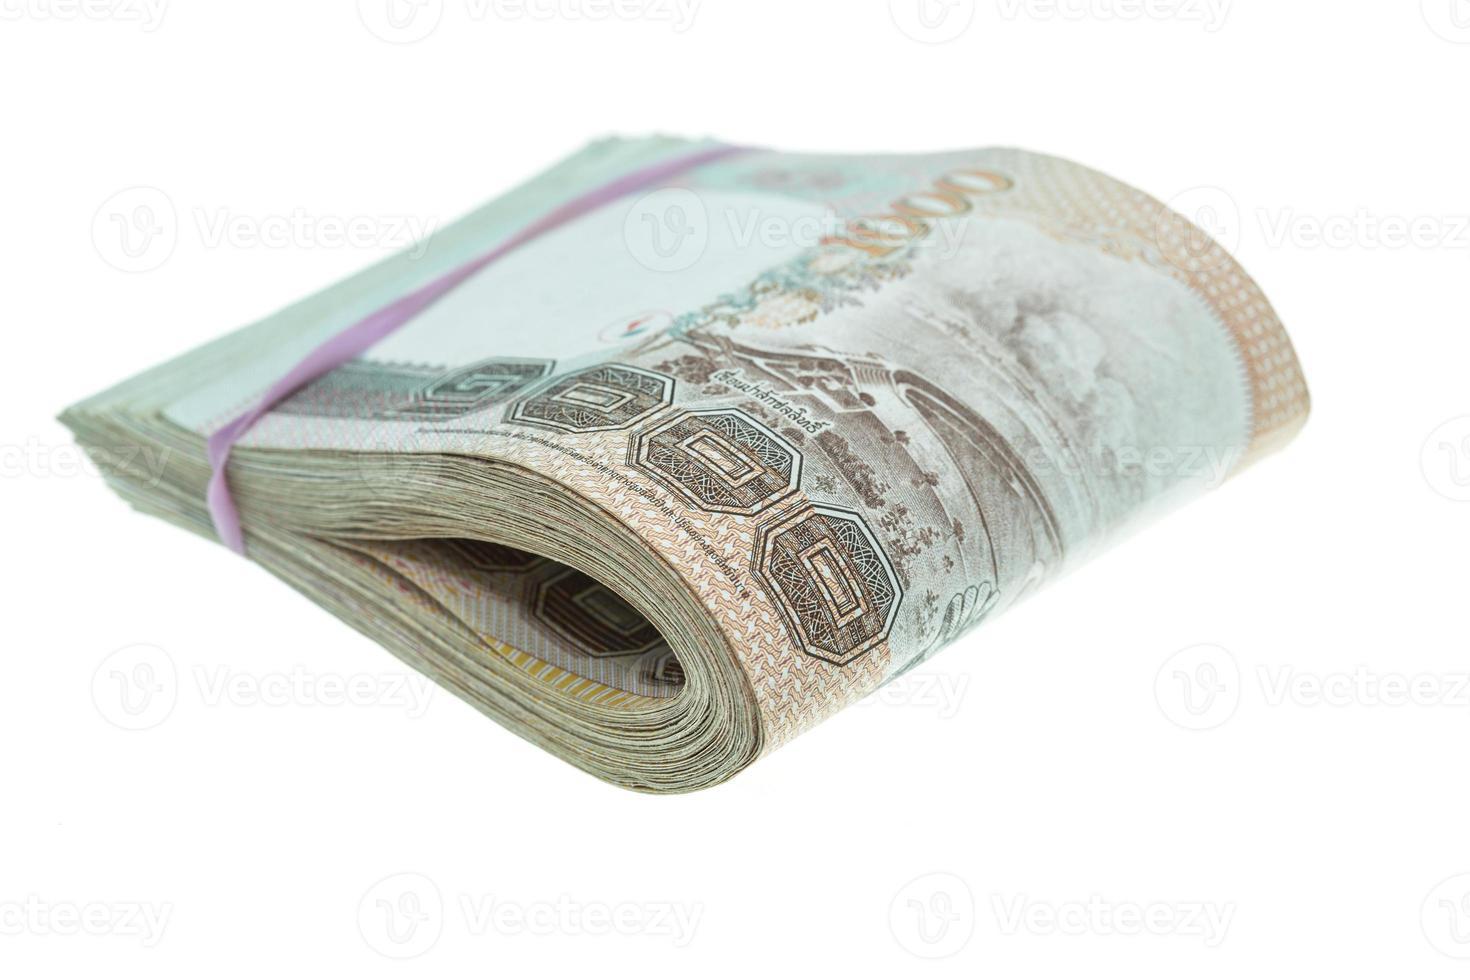 vicino soldi tailandesi in mille tipi di banconote foto